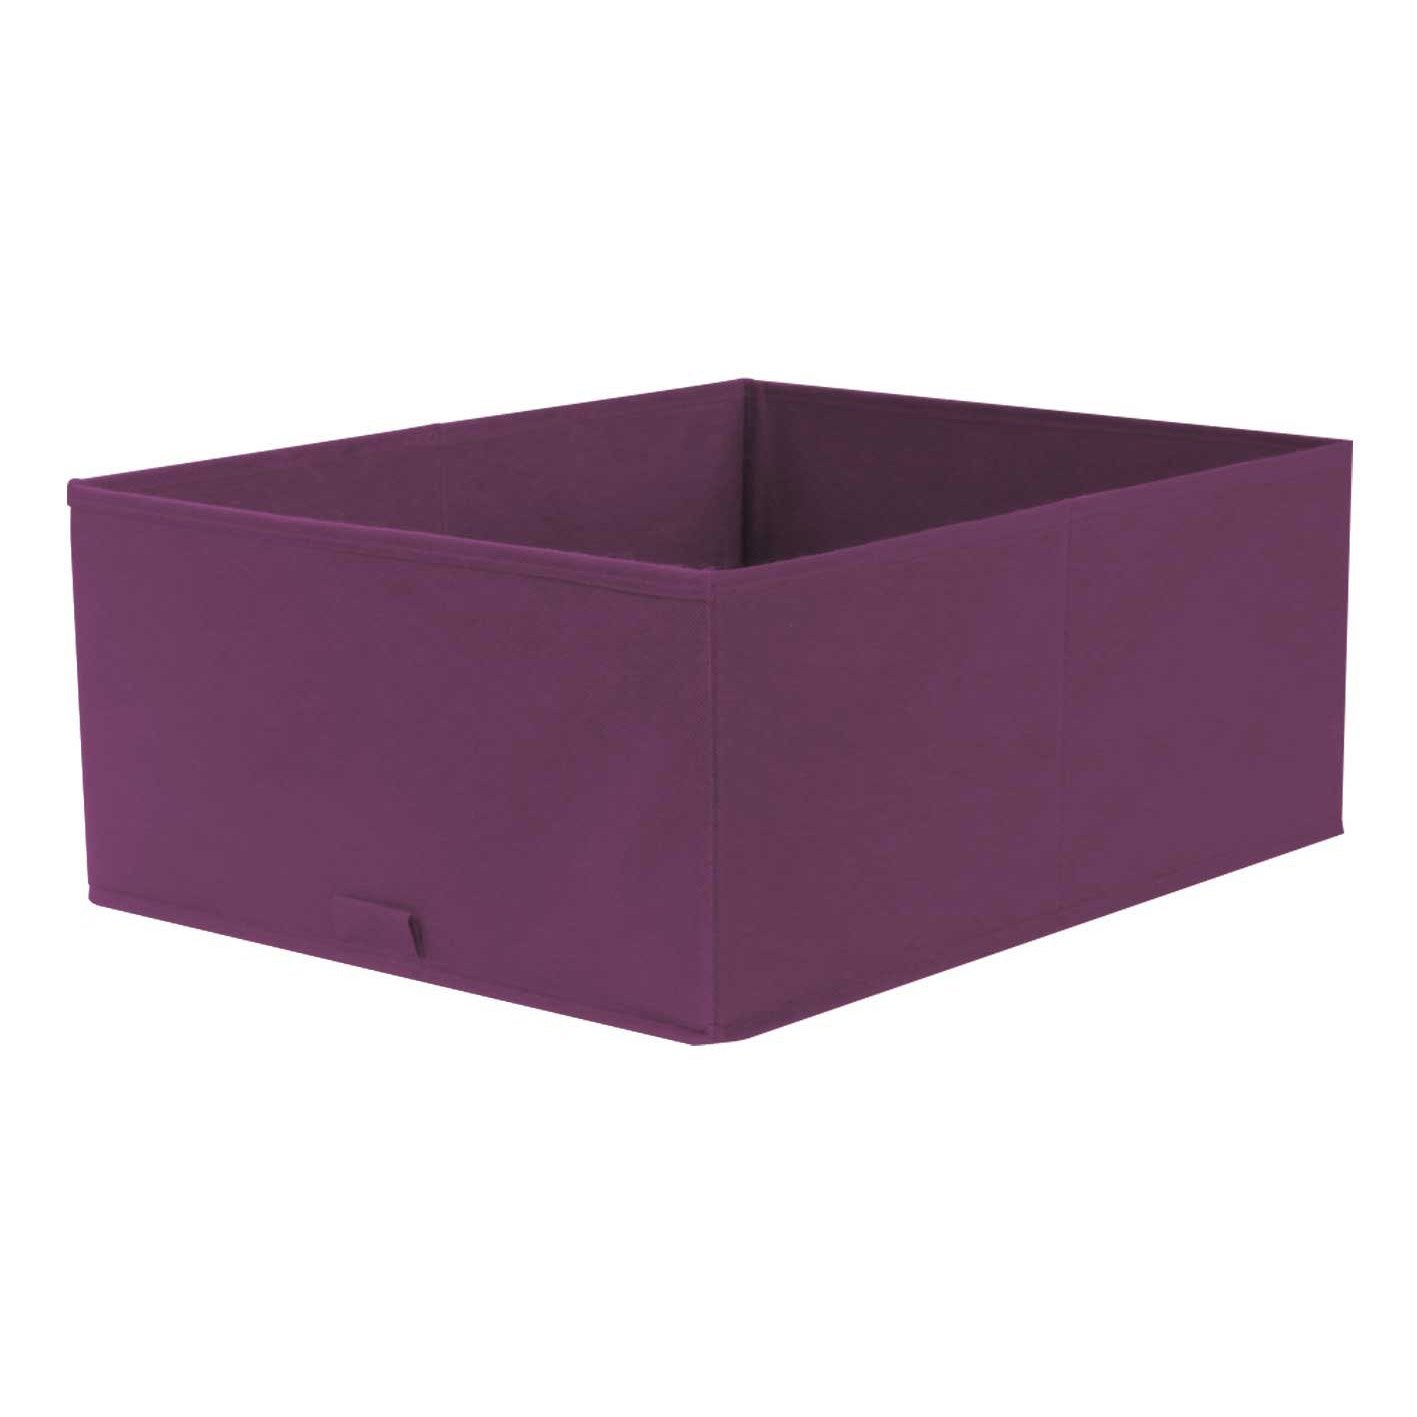 Panier de rangement spaceo violet x x - Leroy merlin panier rangement ...